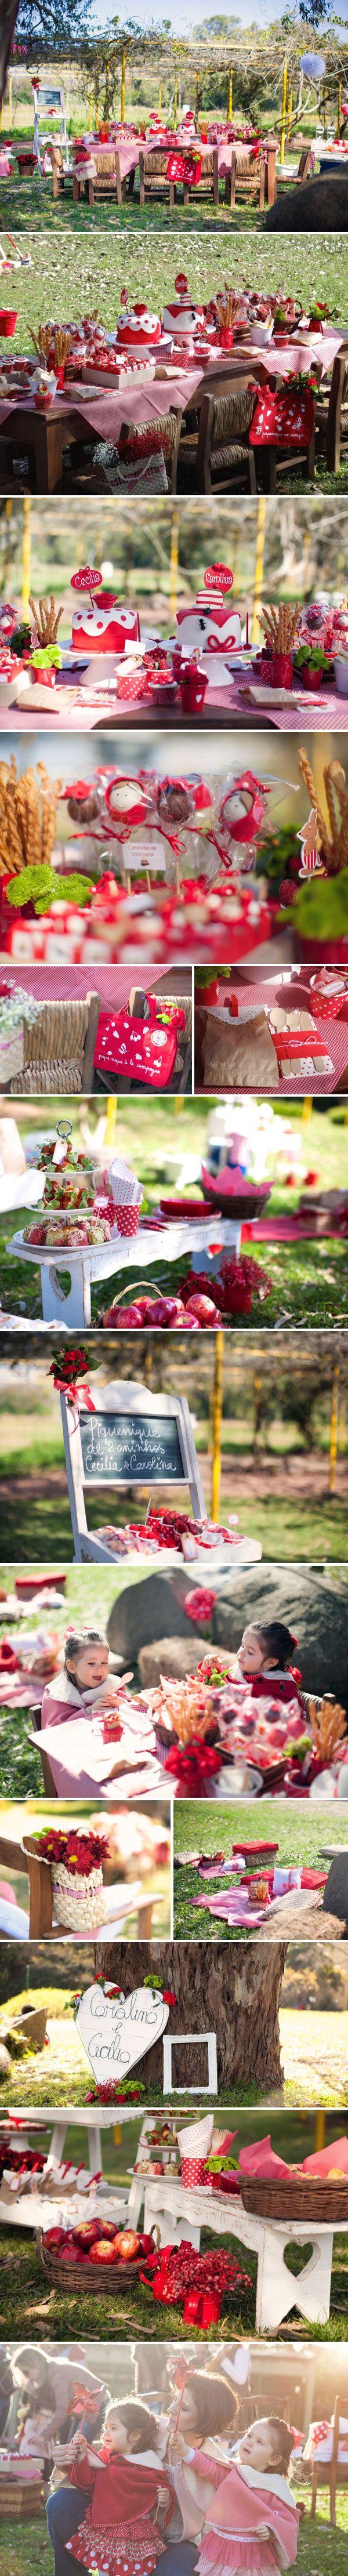 Lindo aniversário ao ar livre no Jardim Botânico de Porto Alegre